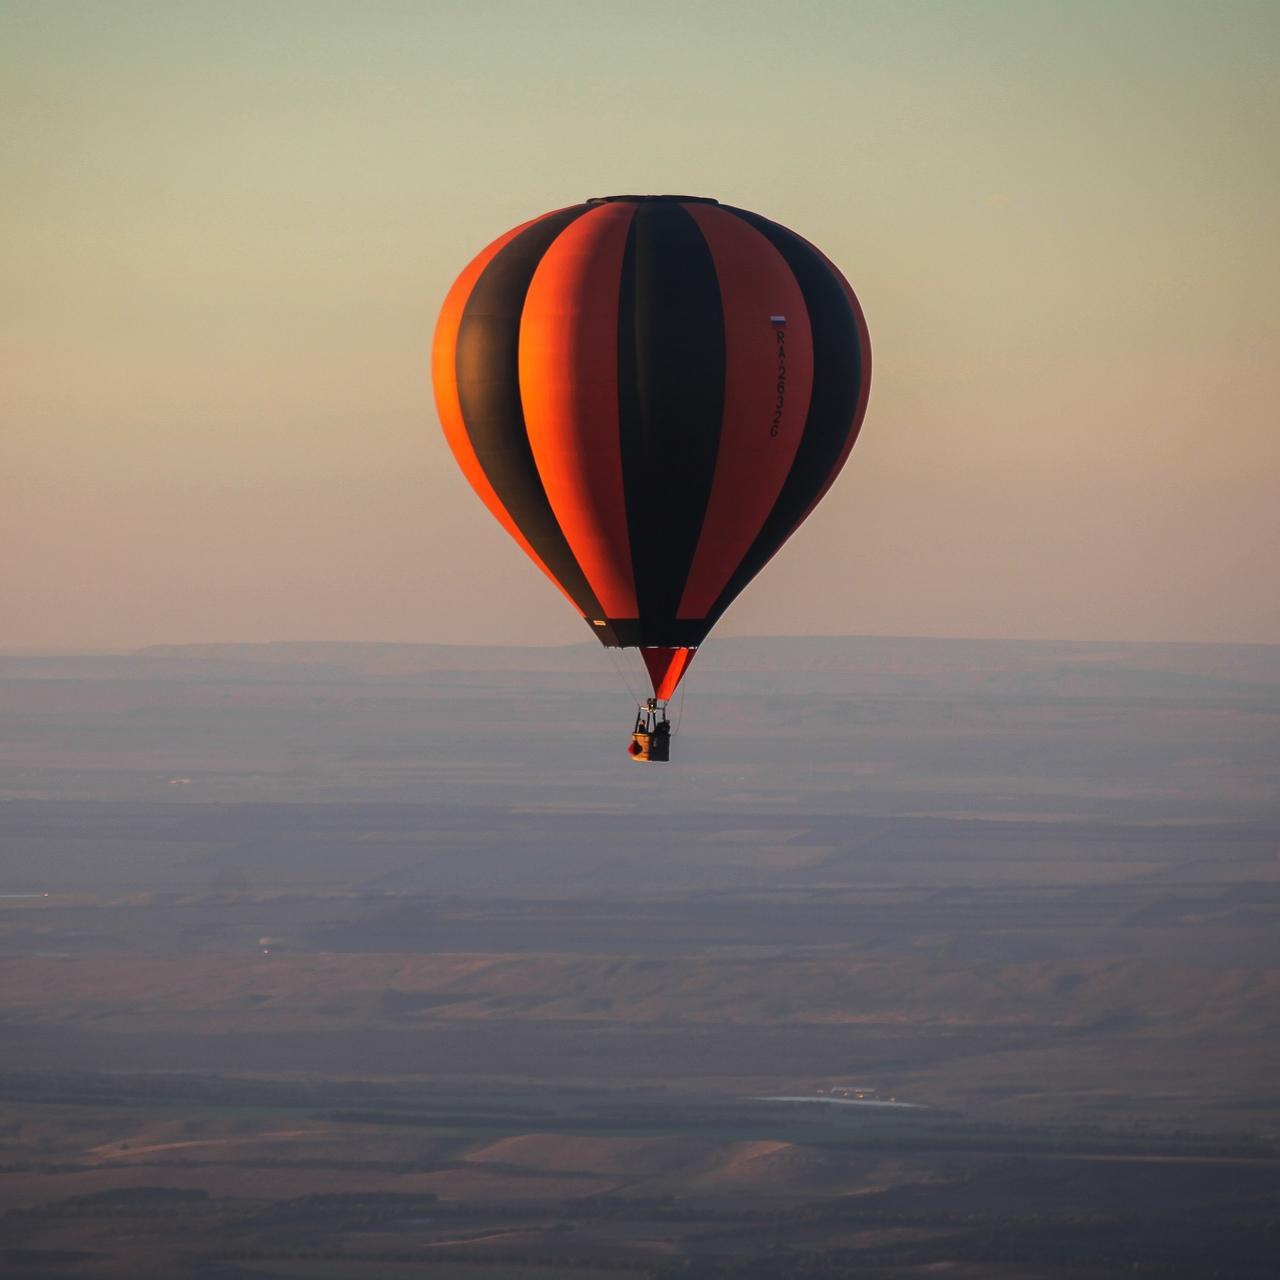 Смертельный квест: спастись из воздушного шара